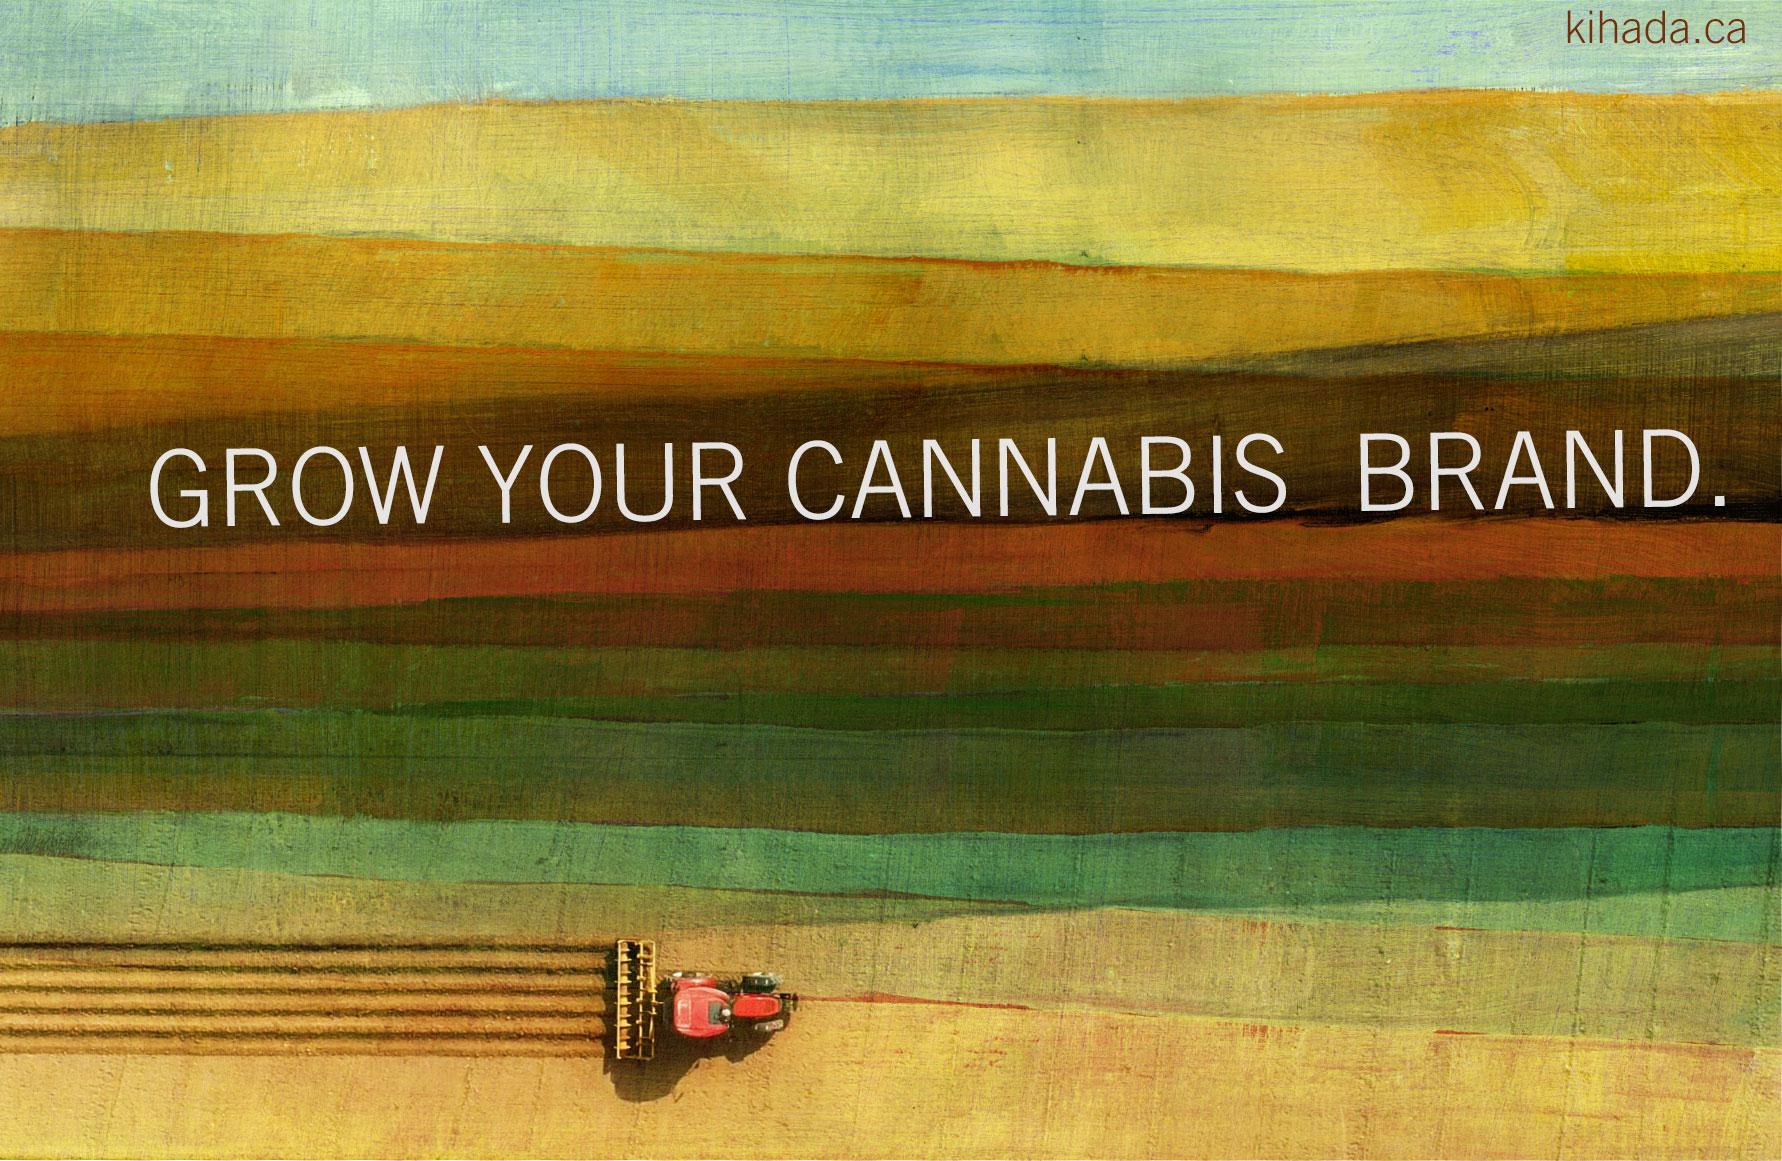 Grow Your Cannabis Brand